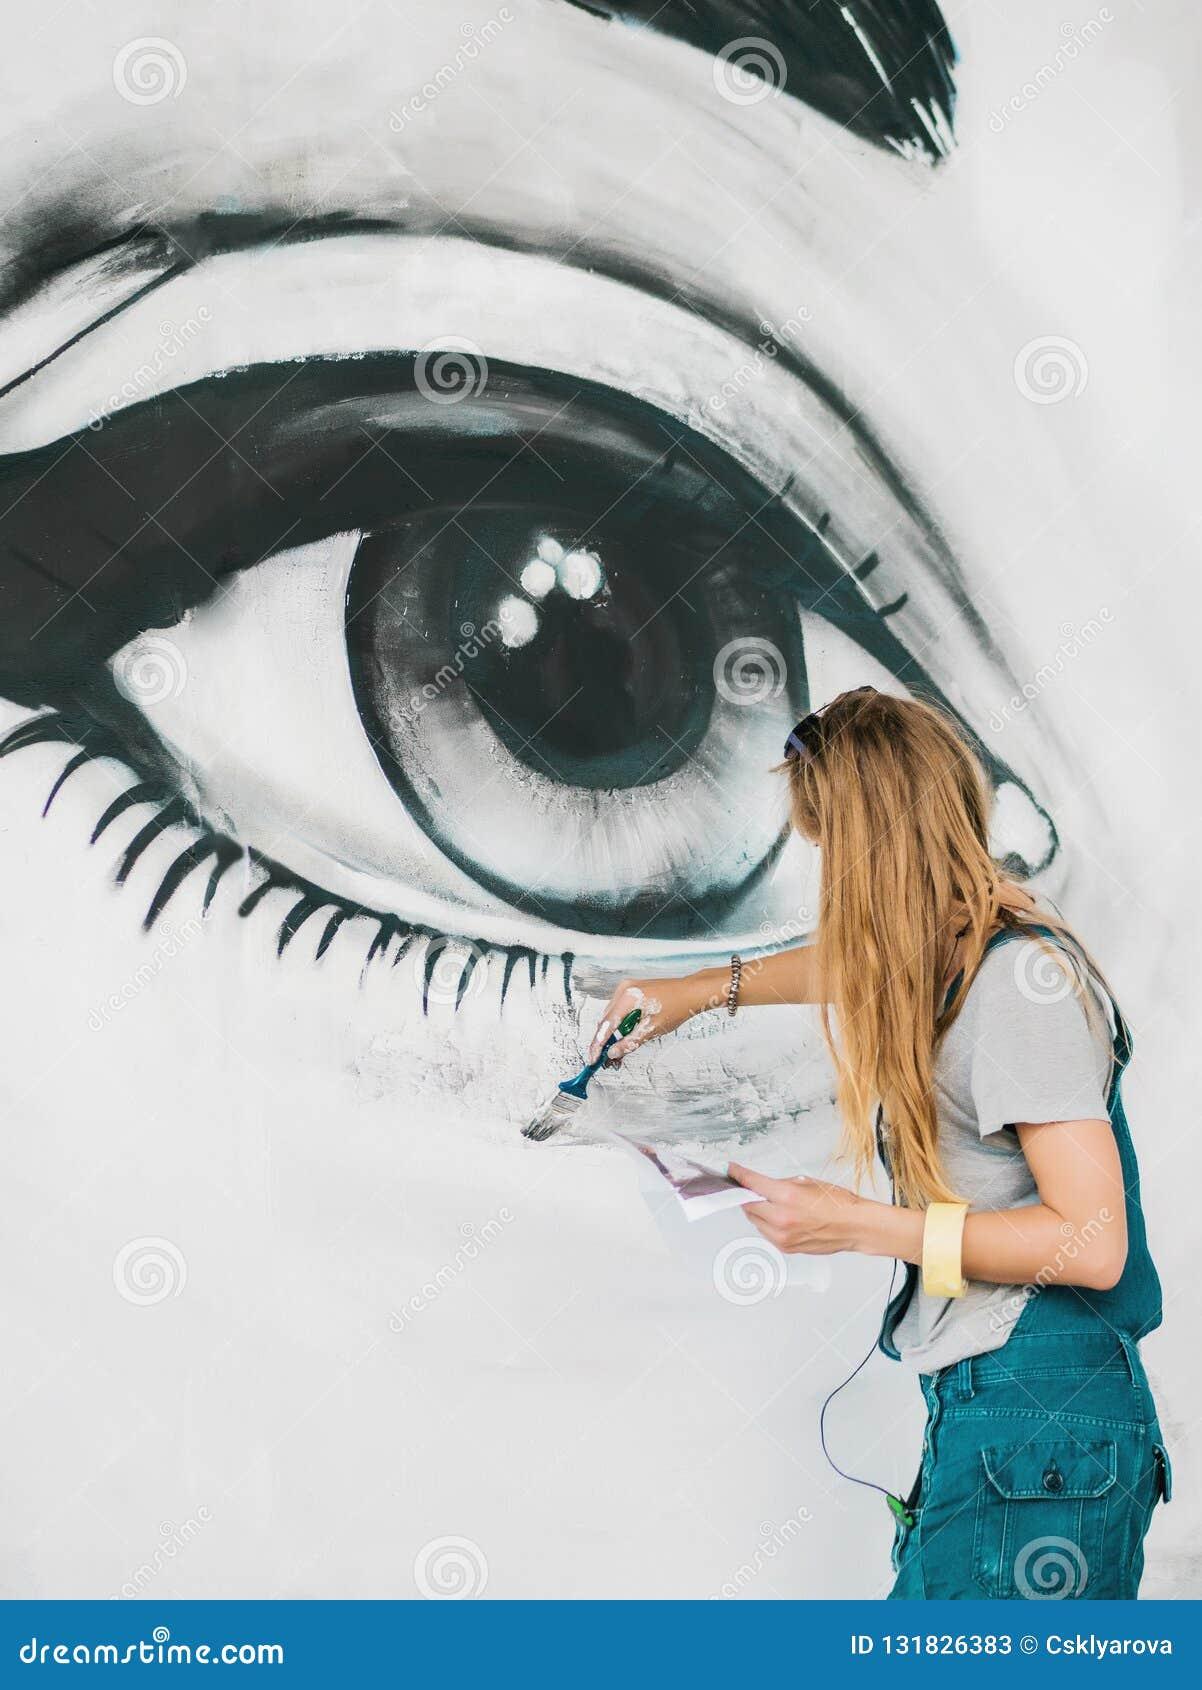 Mooi meisje die graffiti van groot vrouwelijk gezicht met aërosolnevel maken op stedelijke straatmuur Creatief art begaafd